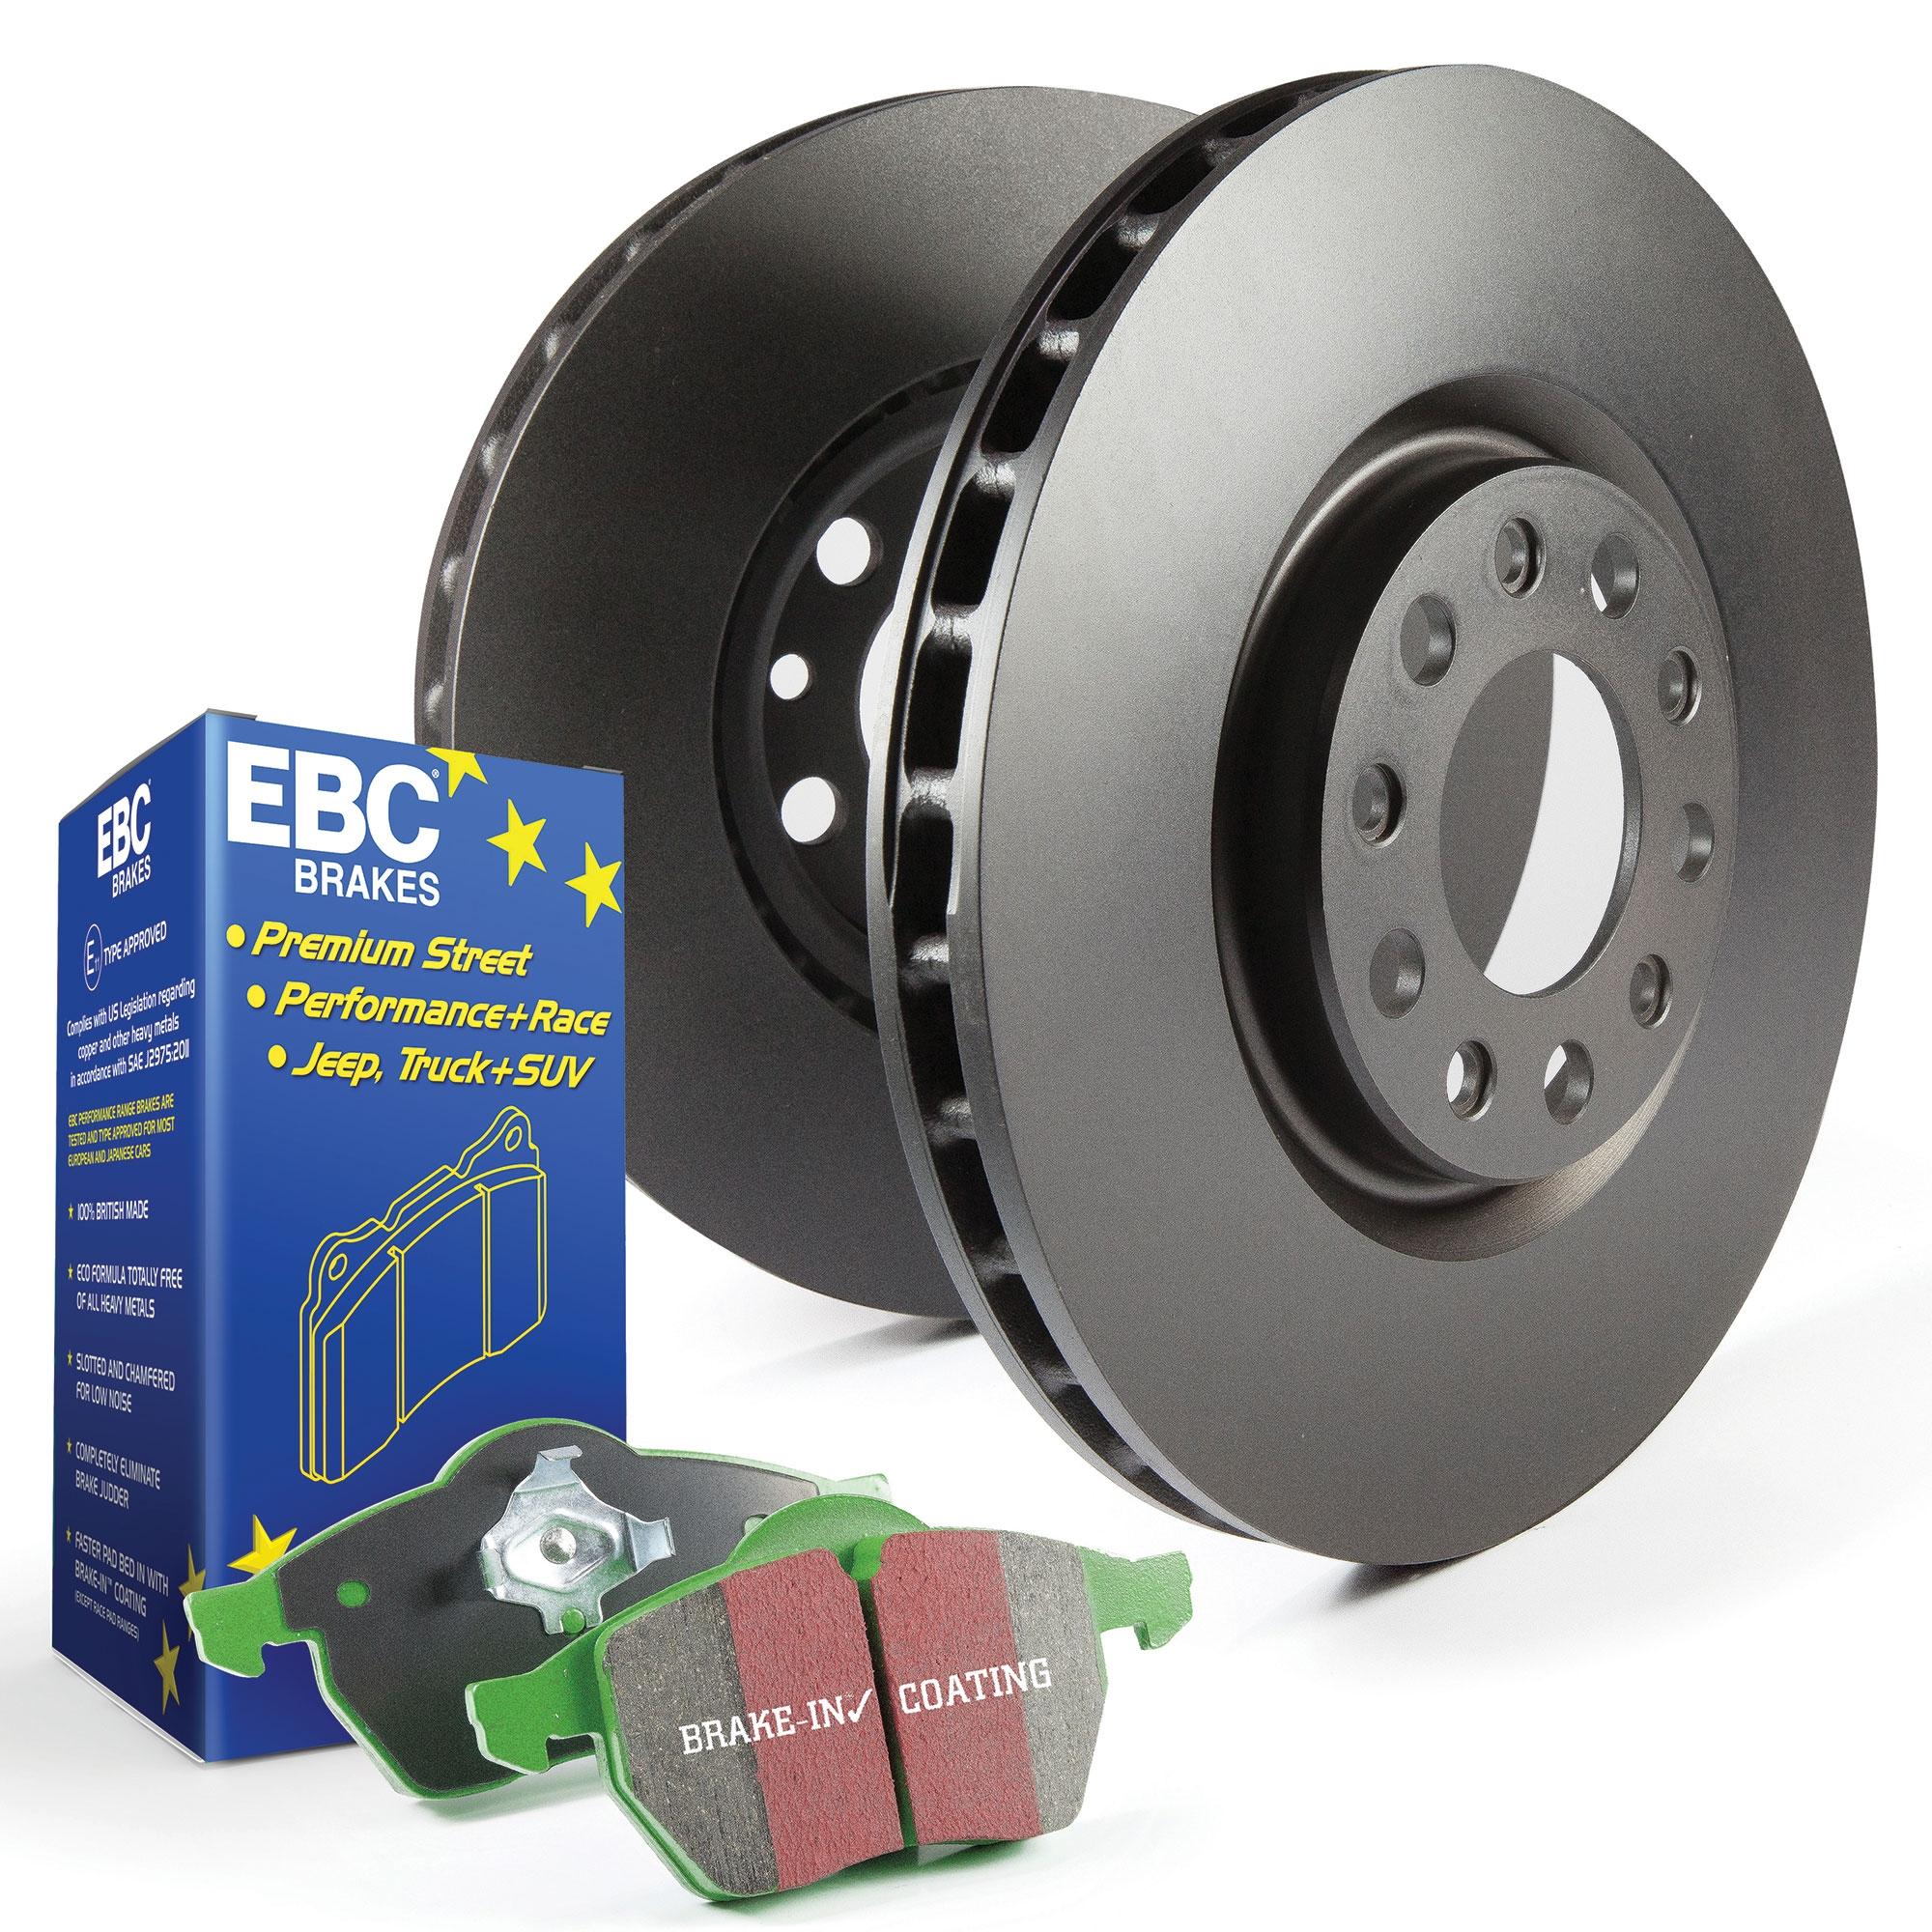 EBC Rear Brake Discs and Greenstuff Pads Kit For Mazda Mx5 Mk2 NB 1.6 / 1.8 16v